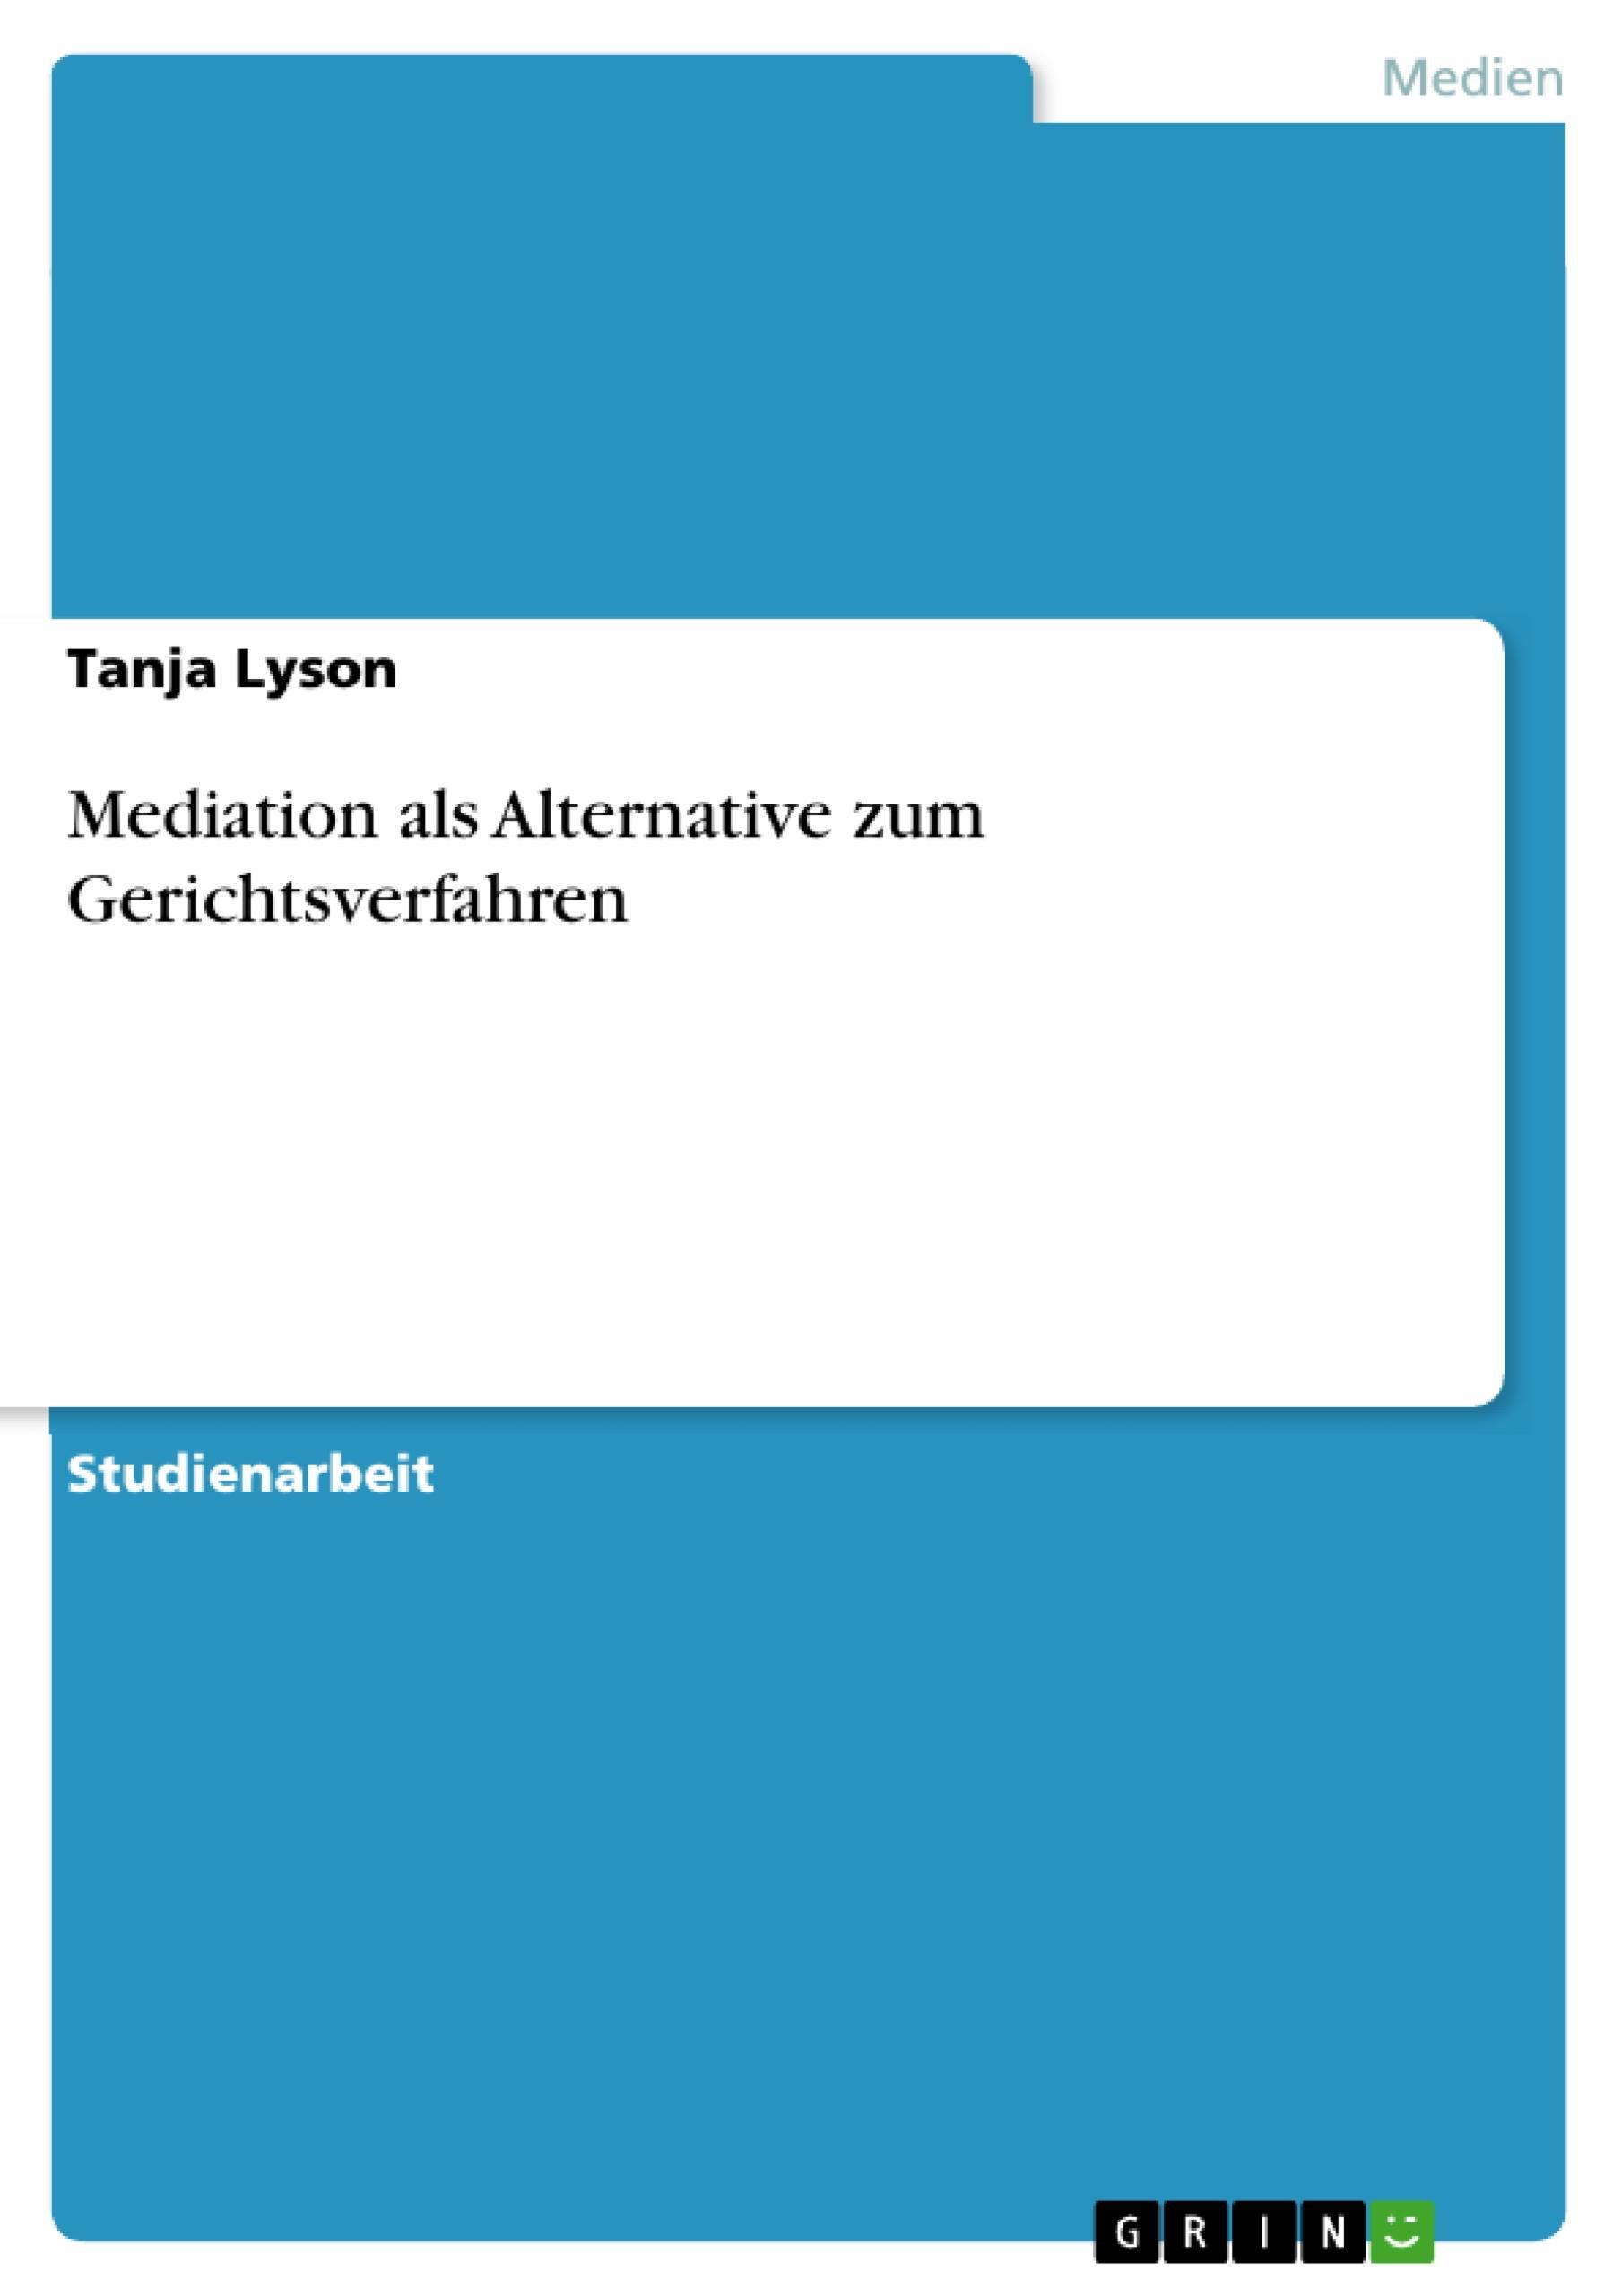 Mediation als Alternative zum Gerichtsverfahren  Tanja Lyson  Taschenbuch  Paperback  Deutsch  2017 - Lyson, Tanja